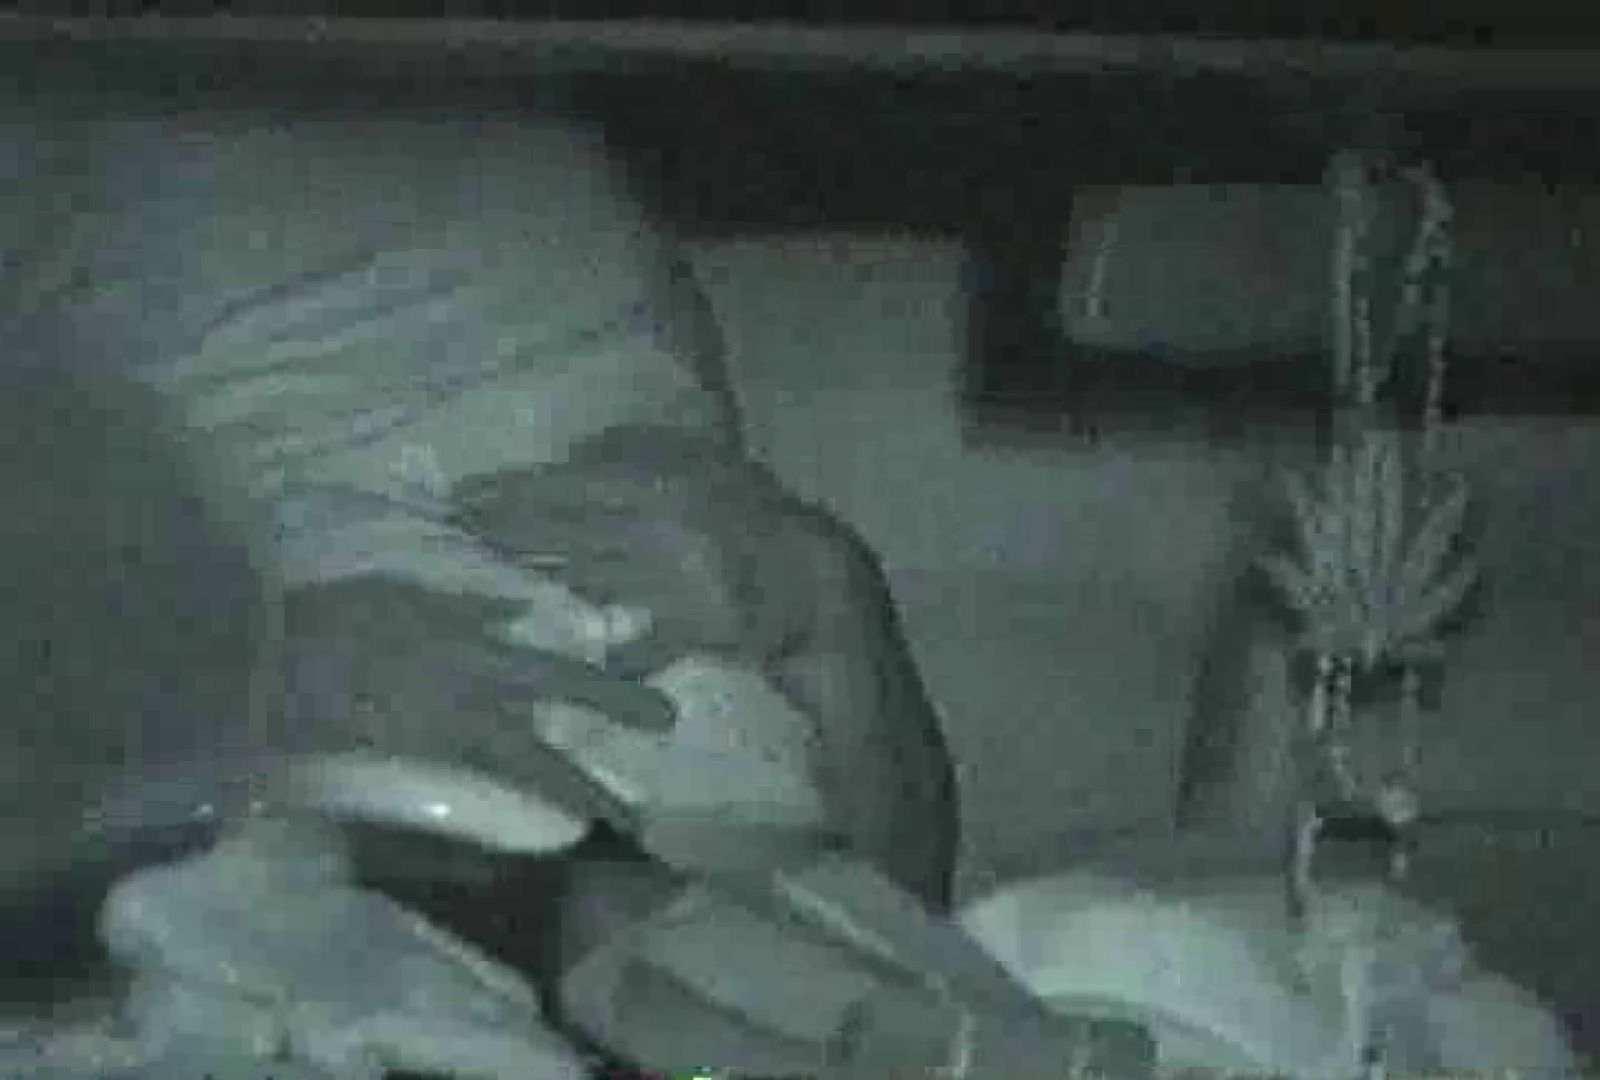 充血監督の深夜の運動会Vol.48 ギャルエロ画像 | OLエロ画像  46PICs 1